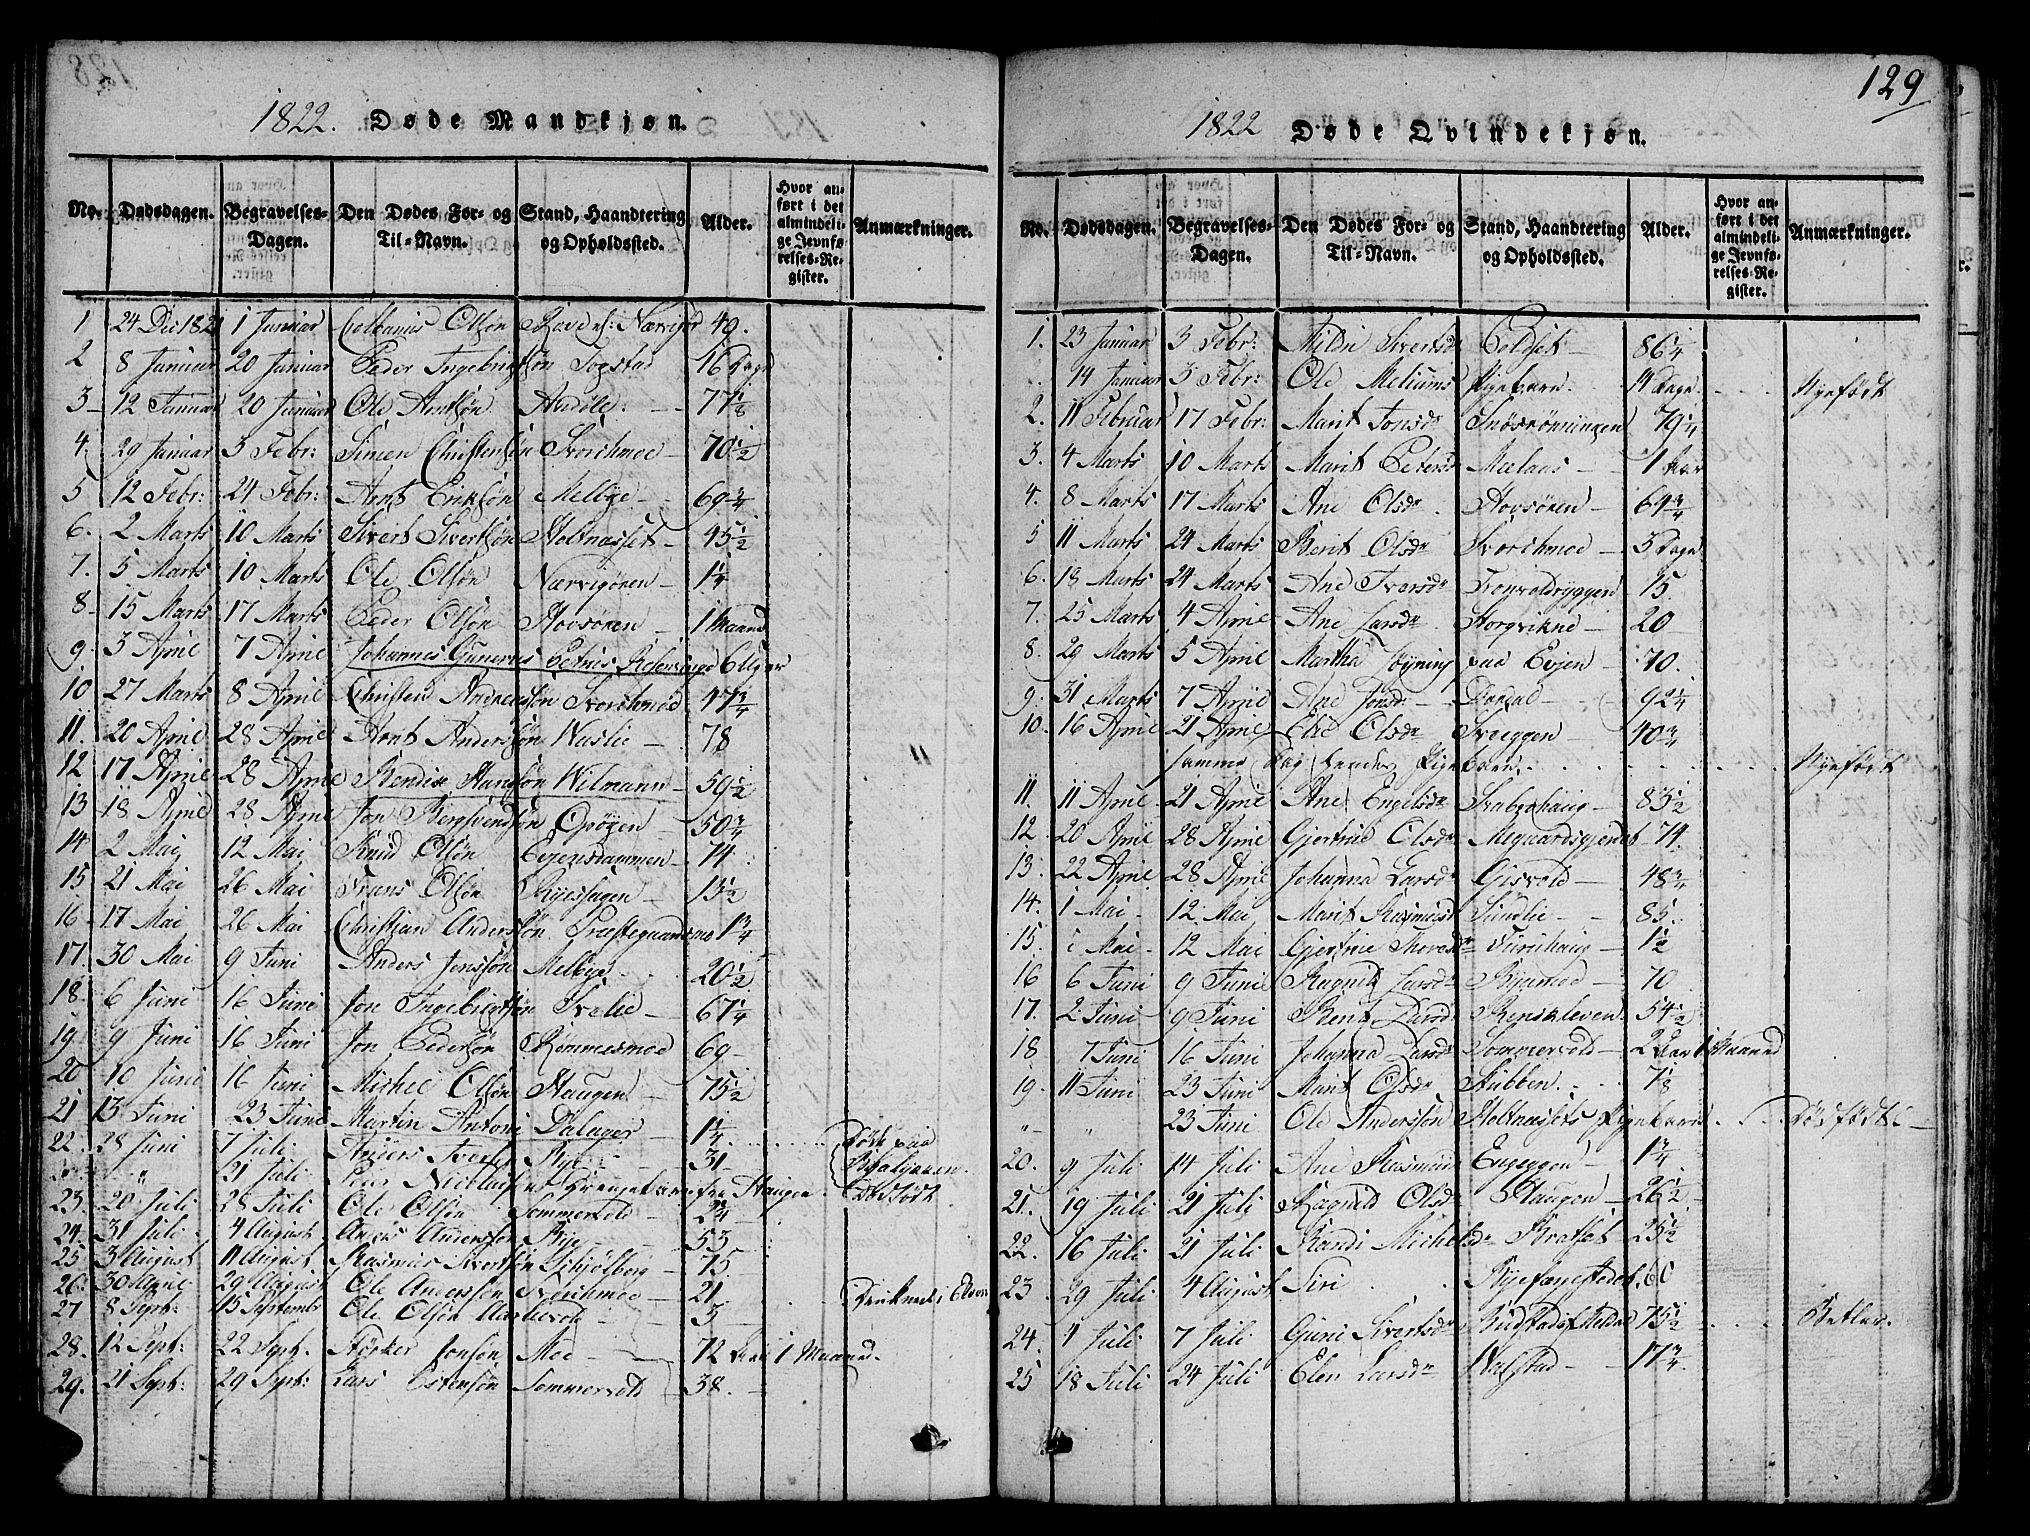 SAT, Ministerialprotokoller, klokkerbøker og fødselsregistre - Sør-Trøndelag, 668/L0803: Ministerialbok nr. 668A03, 1800-1826, s. 129